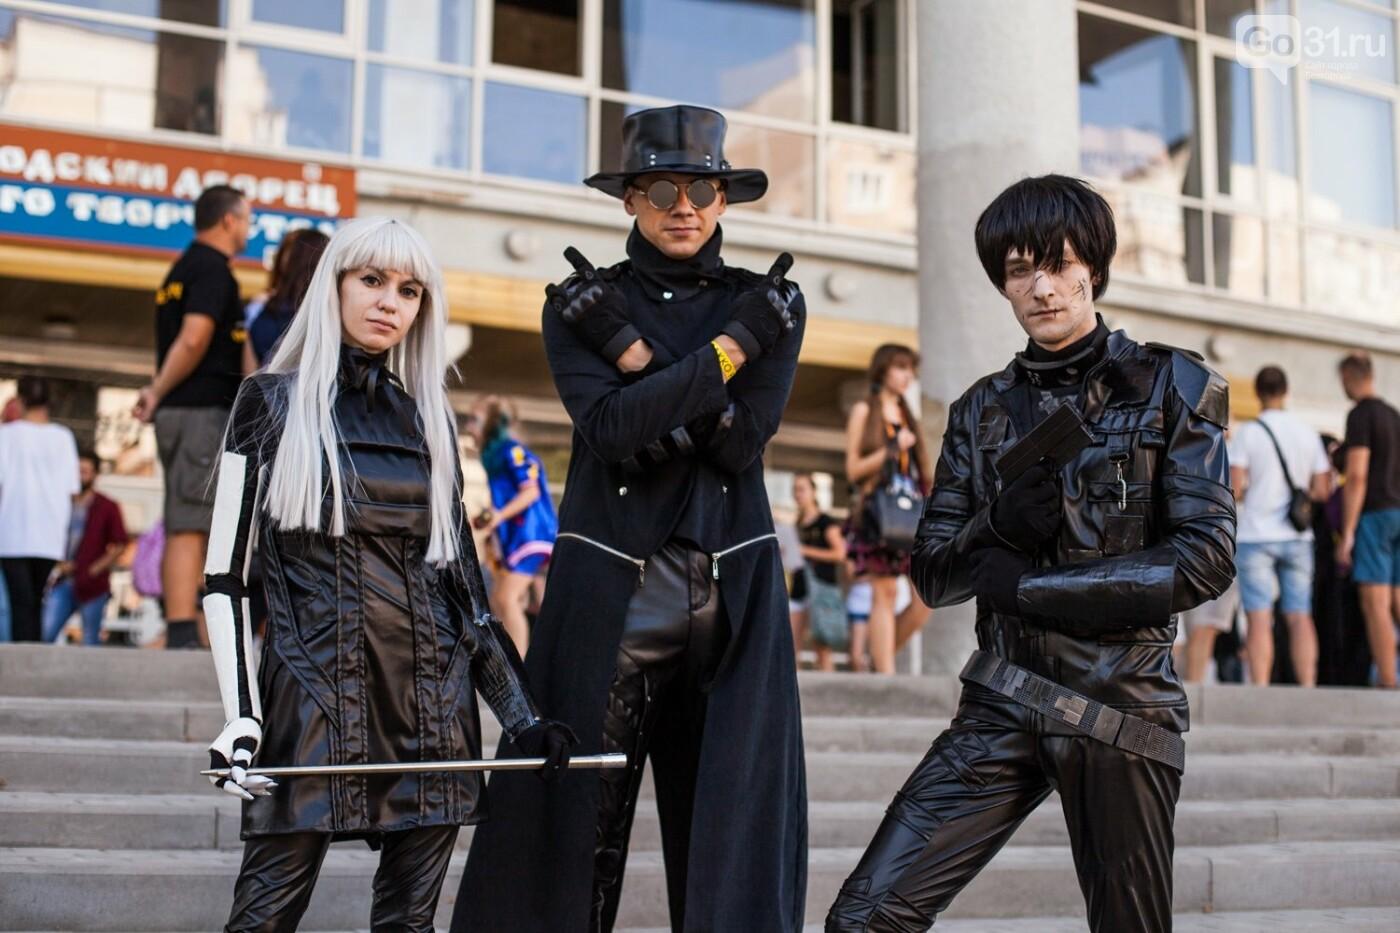 Аниме-фестиваль в Белгороде собрал российских косплейщиков, фото-14